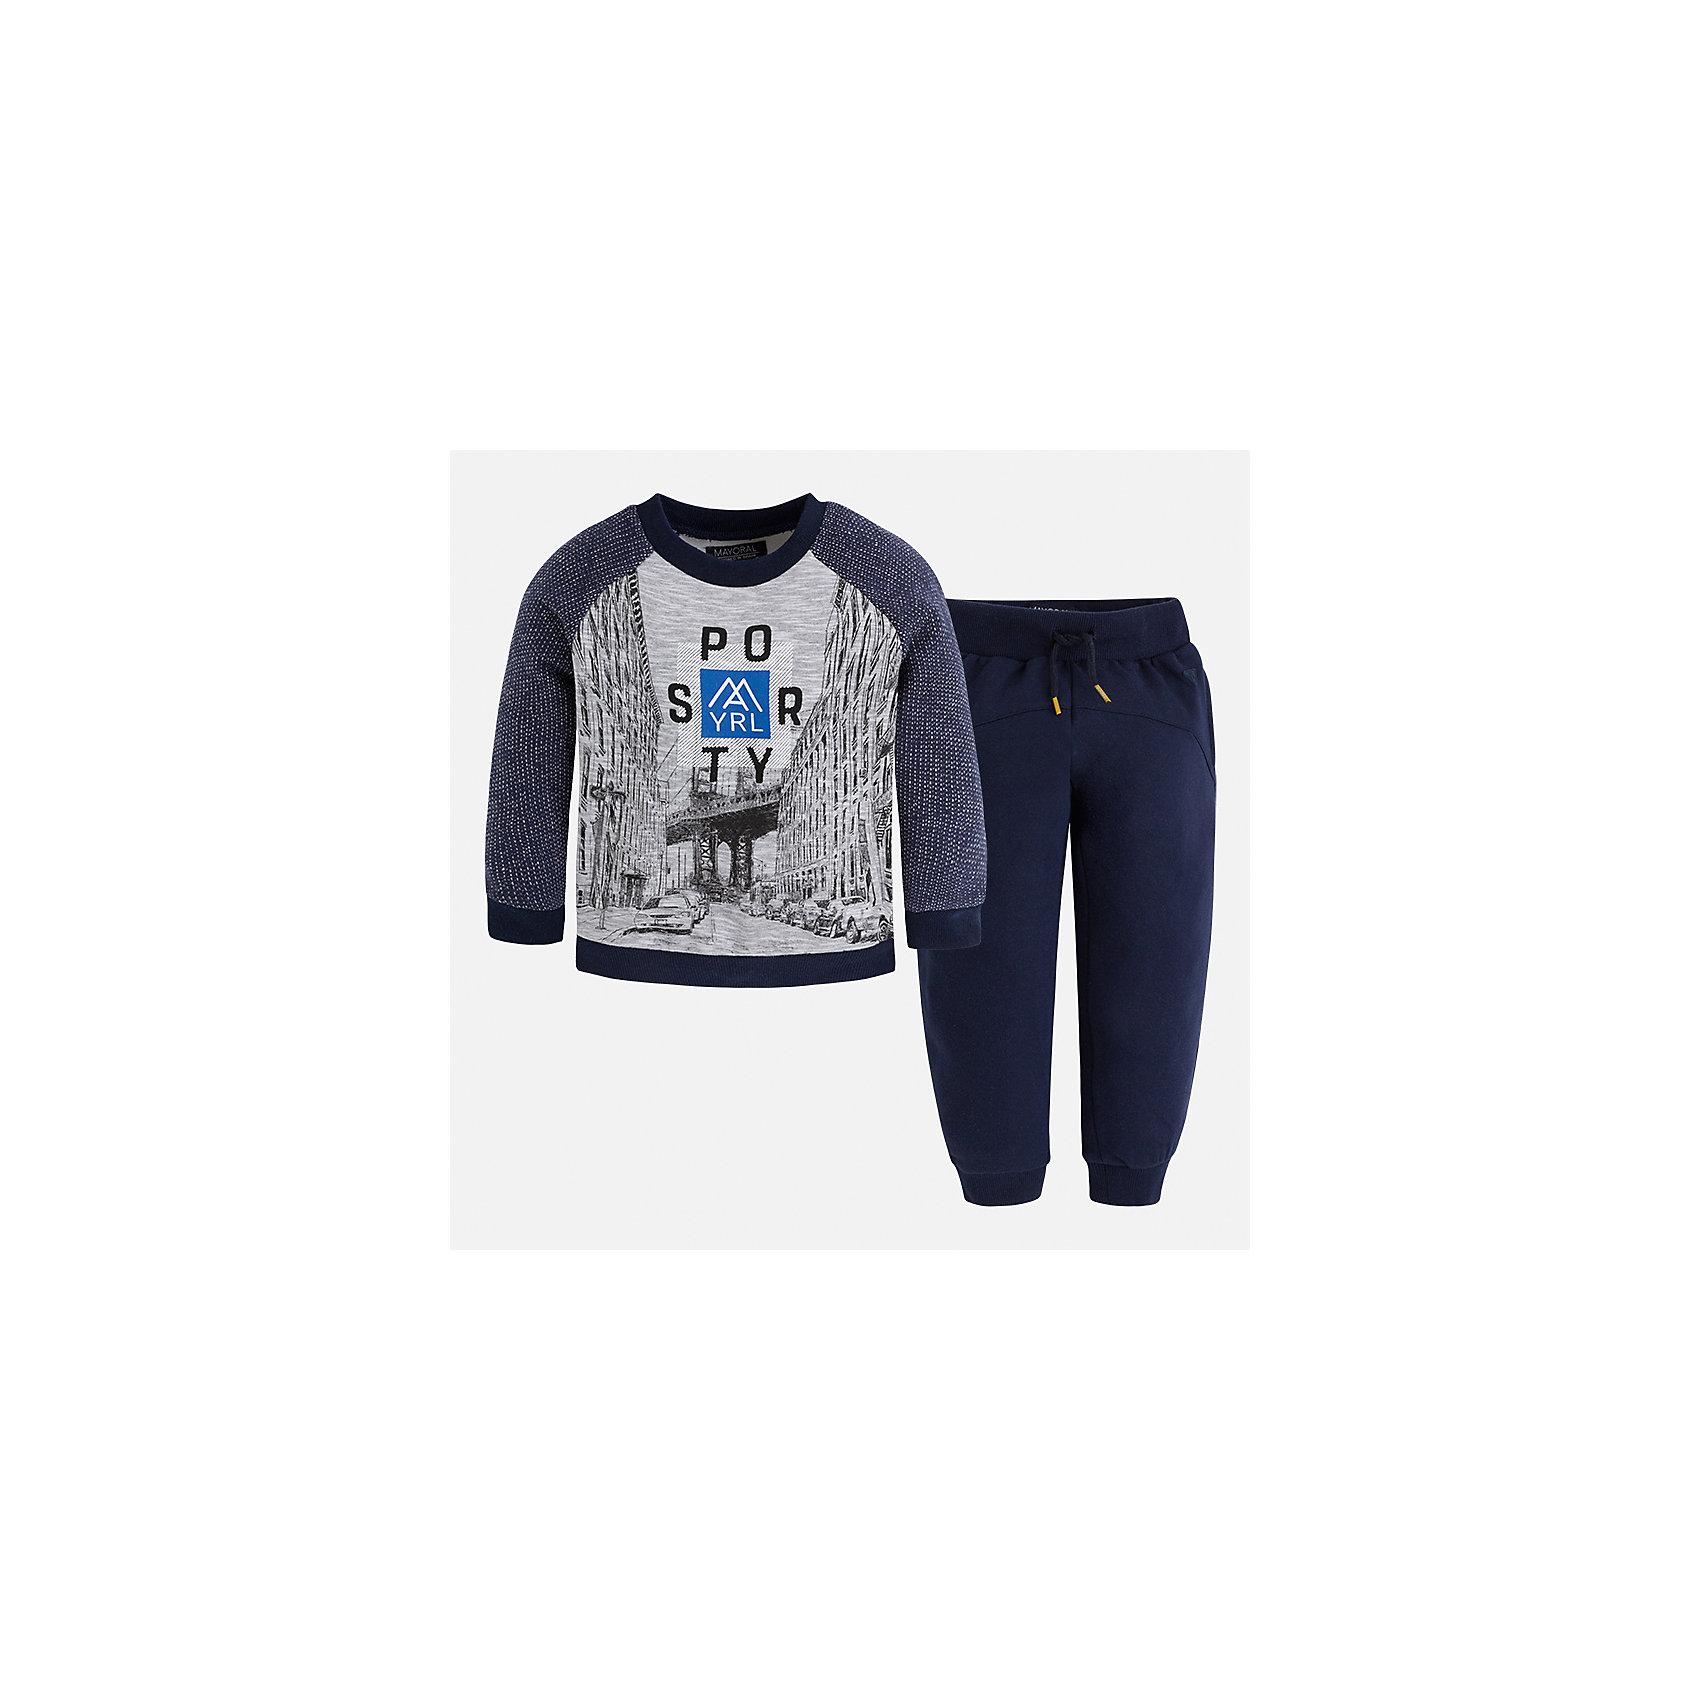 Спортивный костюм для мальчика MayoralКомплекты<br>Характеристики товара:<br><br>• цвет: синий<br>• состав ткани: 60% хлопок, 40% полиэстер<br>• комплектация: лонгслив, брюки<br>• сезон: демисезон<br>• особенности модели: спортивный стиль<br>• длинные рукава<br>• пояс брюк: резинка, шнурок<br>• страна бренда: Испания<br>• страна изготовитель: Индия<br><br>Модный спортивный костюм для мальчика от Майорал поможет обеспечить ребенку комфорт. Детский костюм для спорта отличается стильным и продуманным дизайном. В спортивном костюме для мальчика от испанской компании Майорал ребенок будет выглядеть модно, а чувствовать себя - комфортно. <br><br>Спортивный костюм для мальчика Mayoral (Майорал) можно купить в нашем интернет-магазине.<br><br>Ширина мм: 247<br>Глубина мм: 16<br>Высота мм: 140<br>Вес г: 225<br>Цвет: синий<br>Возраст от месяцев: 96<br>Возраст до месяцев: 108<br>Пол: Мужской<br>Возраст: Детский<br>Размер: 134,92,98,104,110,116,122,128<br>SKU: 6933151